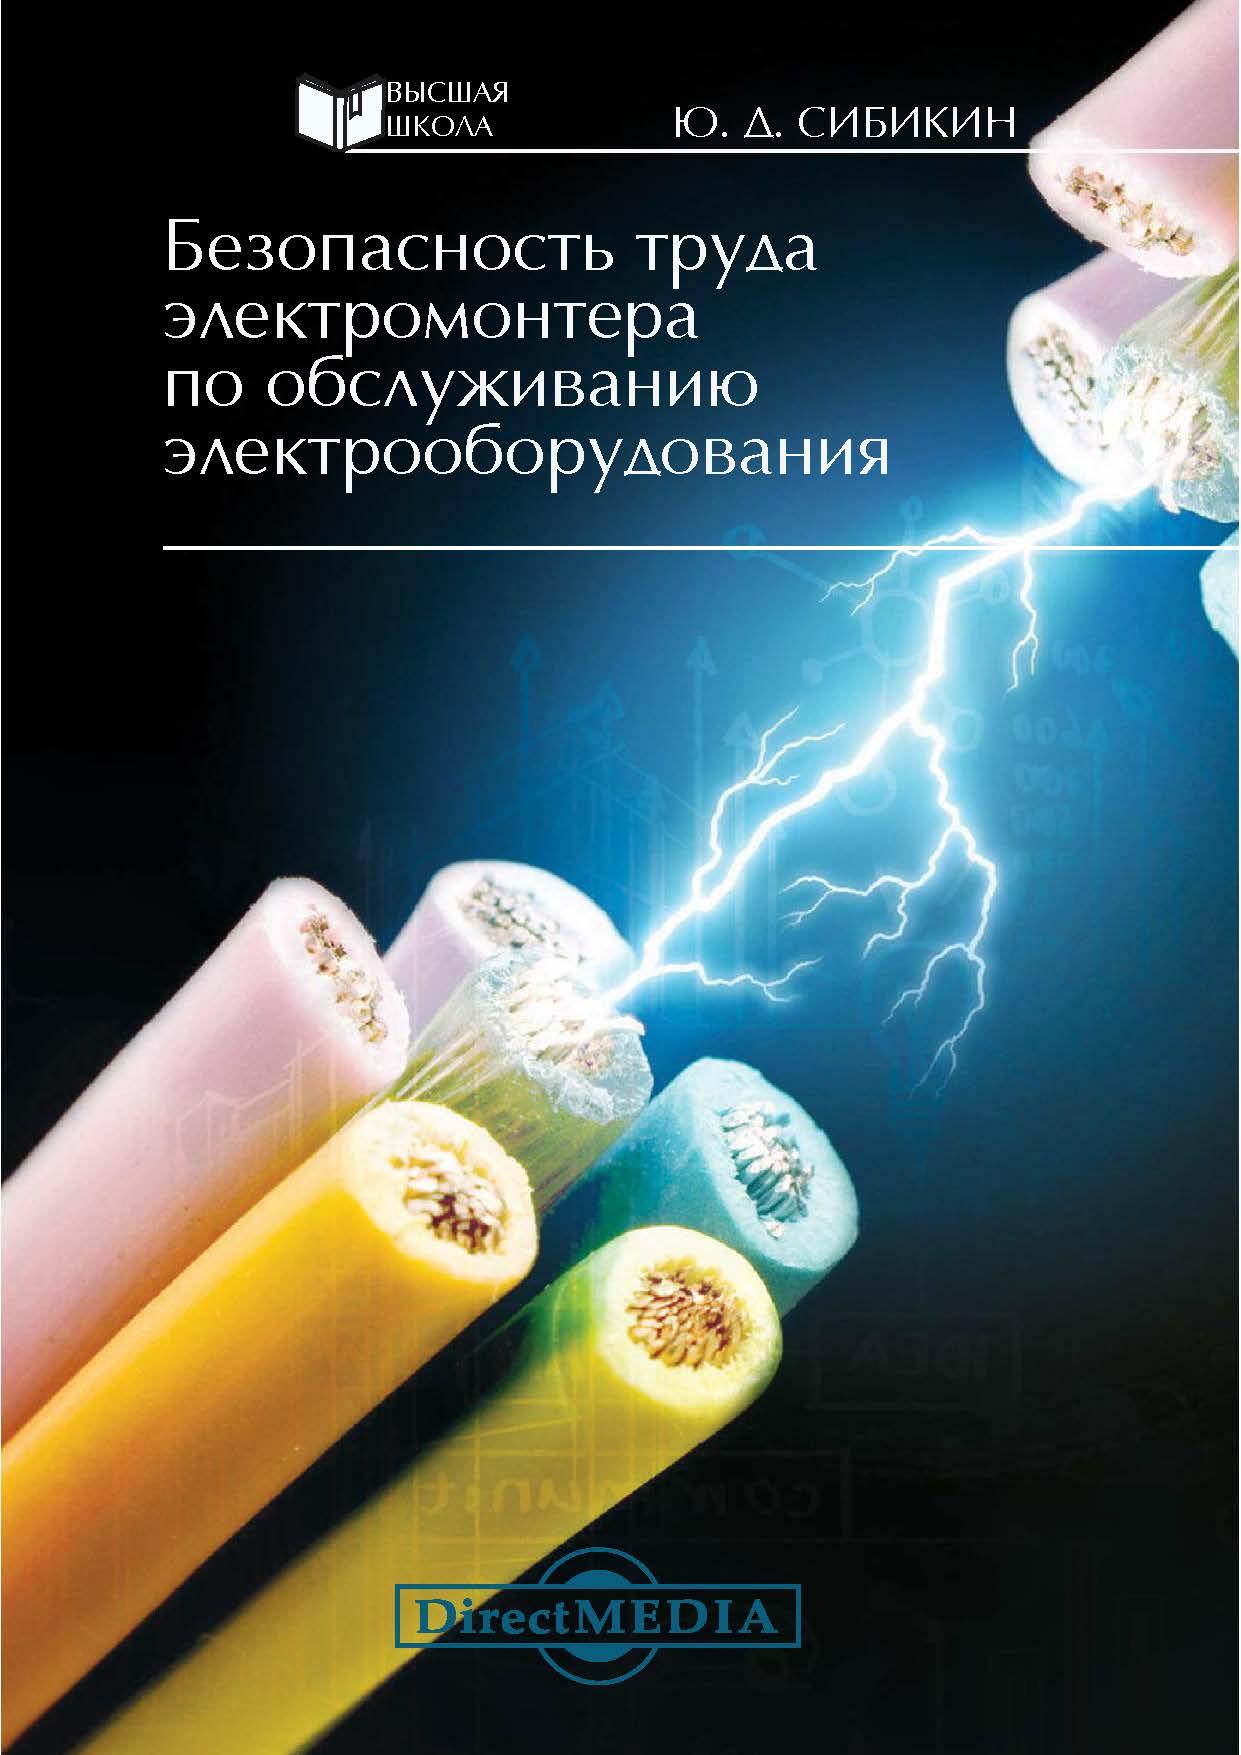 Юрий Сибикин Безопасность труда электромонтера по обслуживанию электрооборудования юрий сибикин безопасность труда при монтаже обслуживании и ремонте электрооборудования предприятий